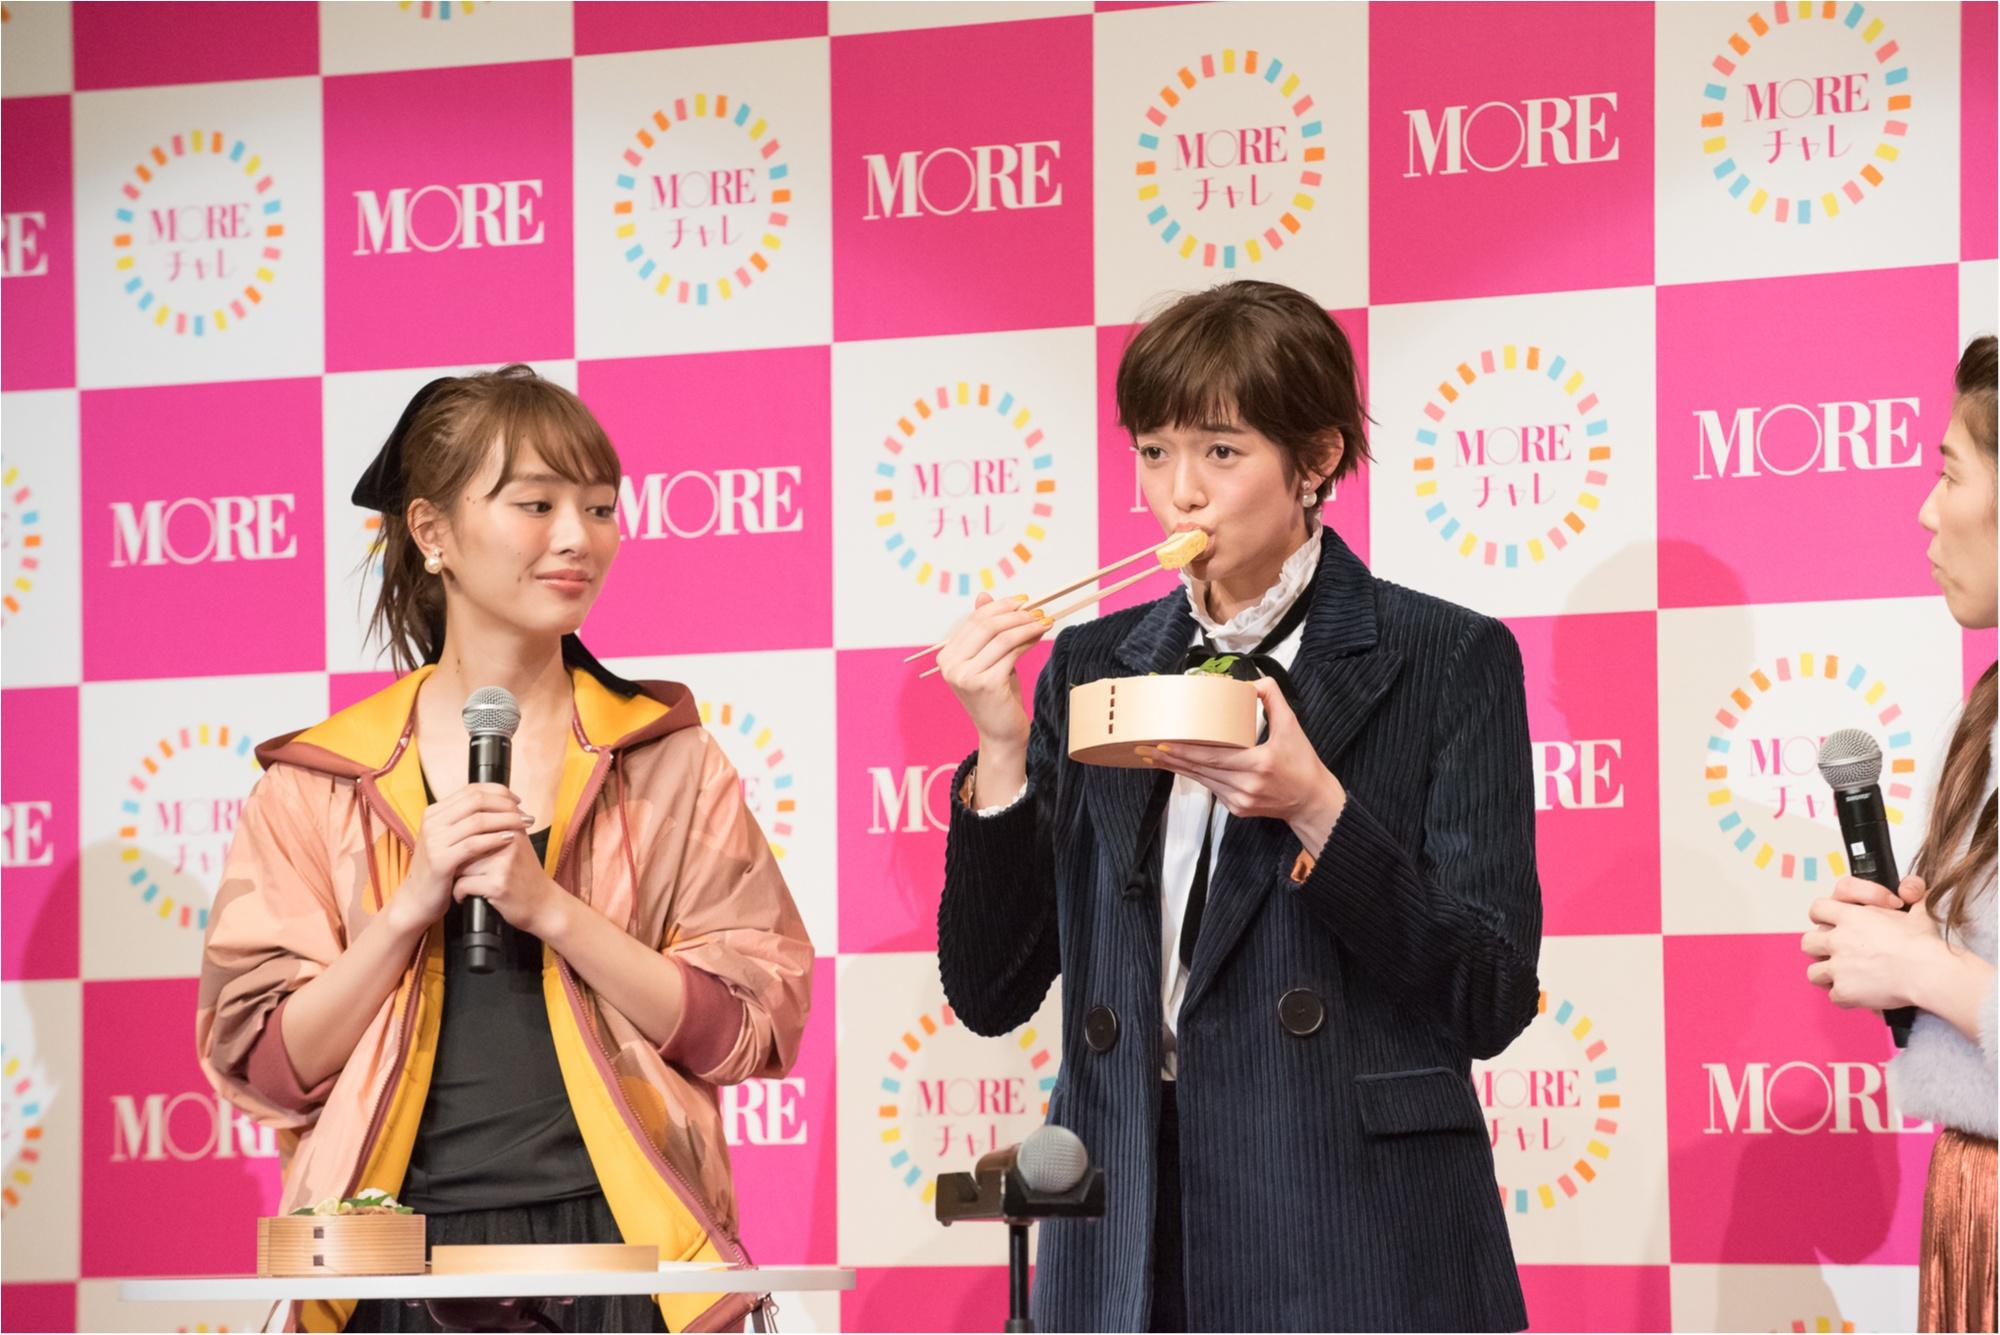 「モアチャレ」ついに完結☆ MORE40周年記念『モアチャレ』報告会イベントで、感動の涙と輝く笑顔に会えました!!!_7